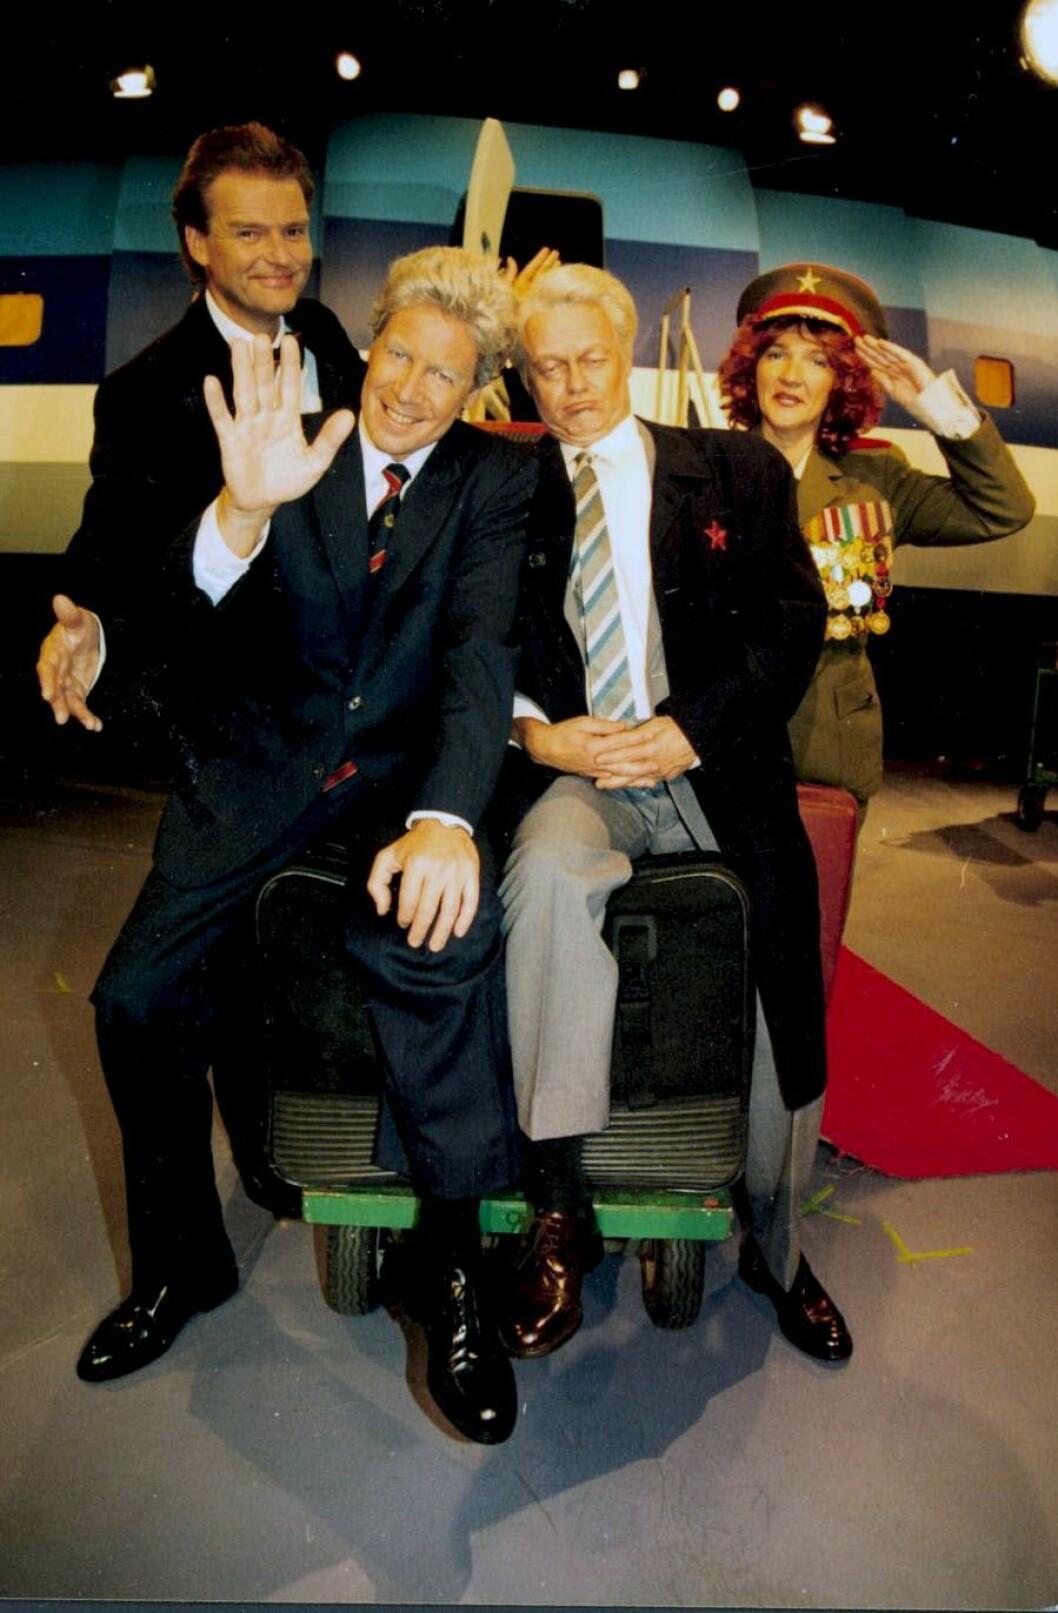 Her fra NRKs 20-årsfeiring av KLM, hvor Knut Lystad gestalter president Clinton, Trond Kirkvaag tar for seg Jeltsin - sammen med Lars Mjøen og Kine Hellebust. Foto: Ole Kaland / NRK.